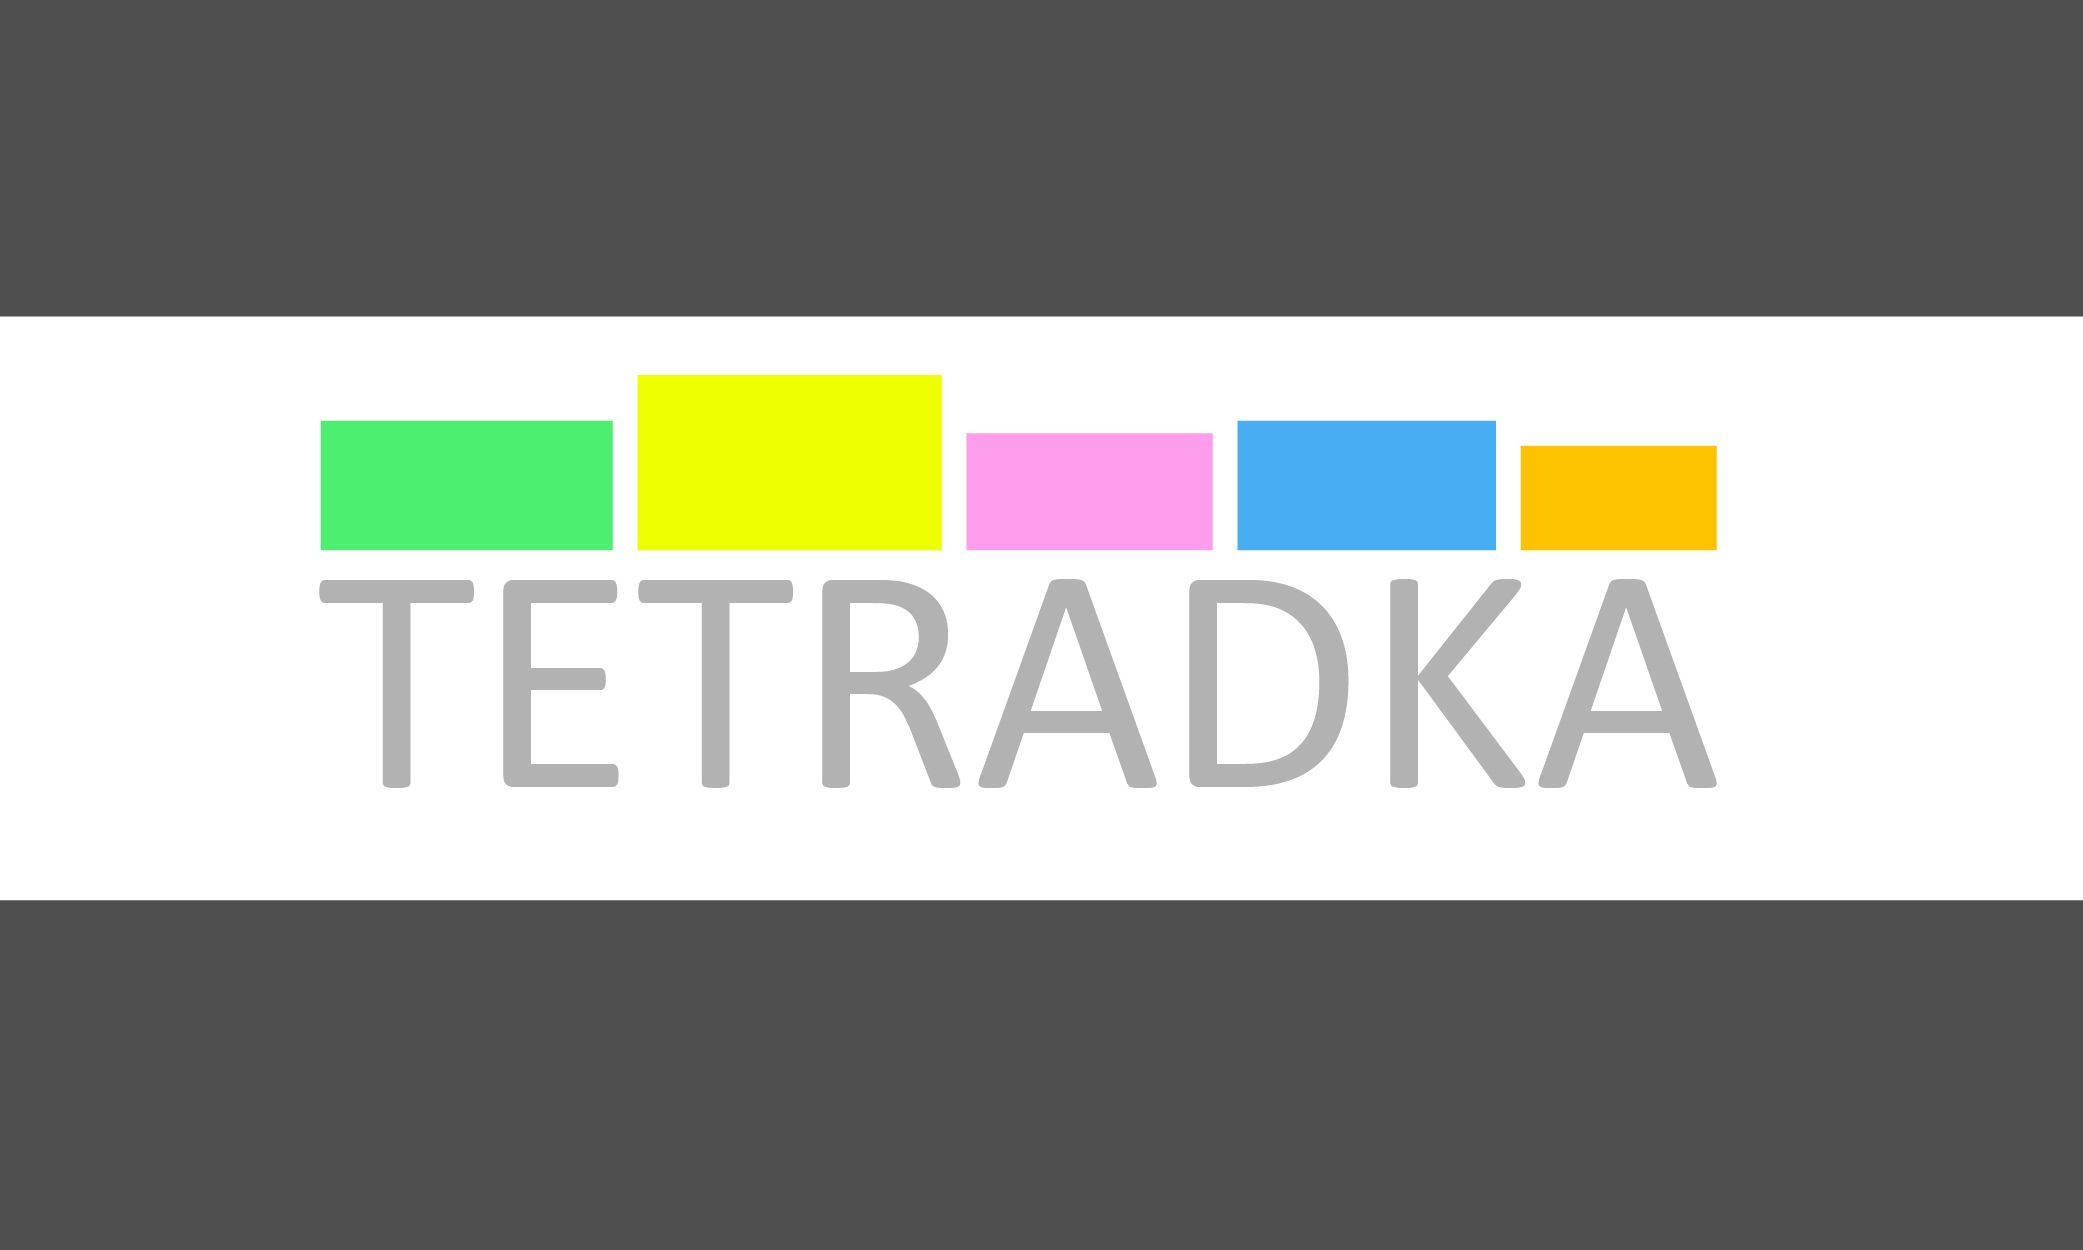 Логотип для образовательной сети tetradka.ru - дизайнер kipo